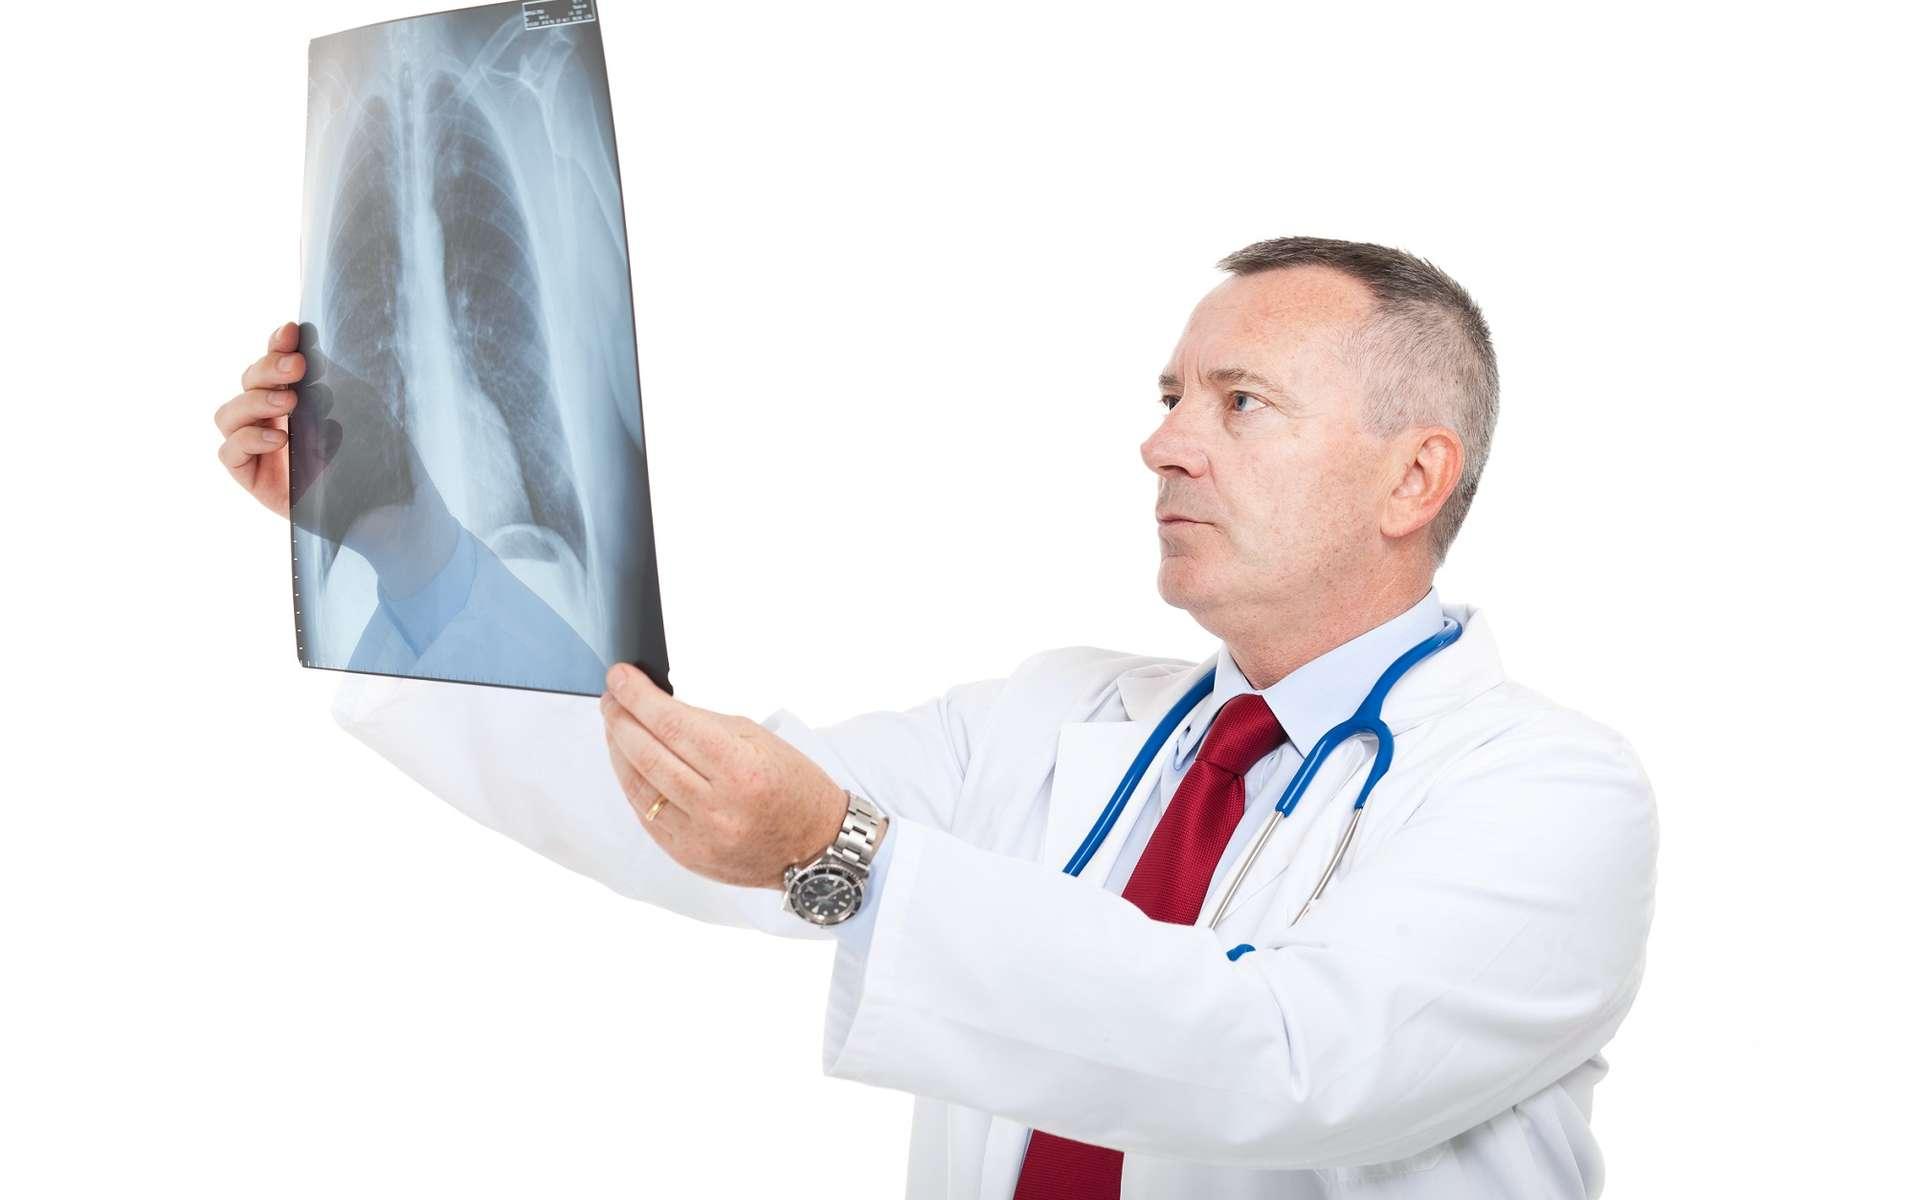 Le diagnostic d'embolie pulmonaire peut se faire à l'aide d'une radiographie du thorax. © Minerva Studio, Shutterstock